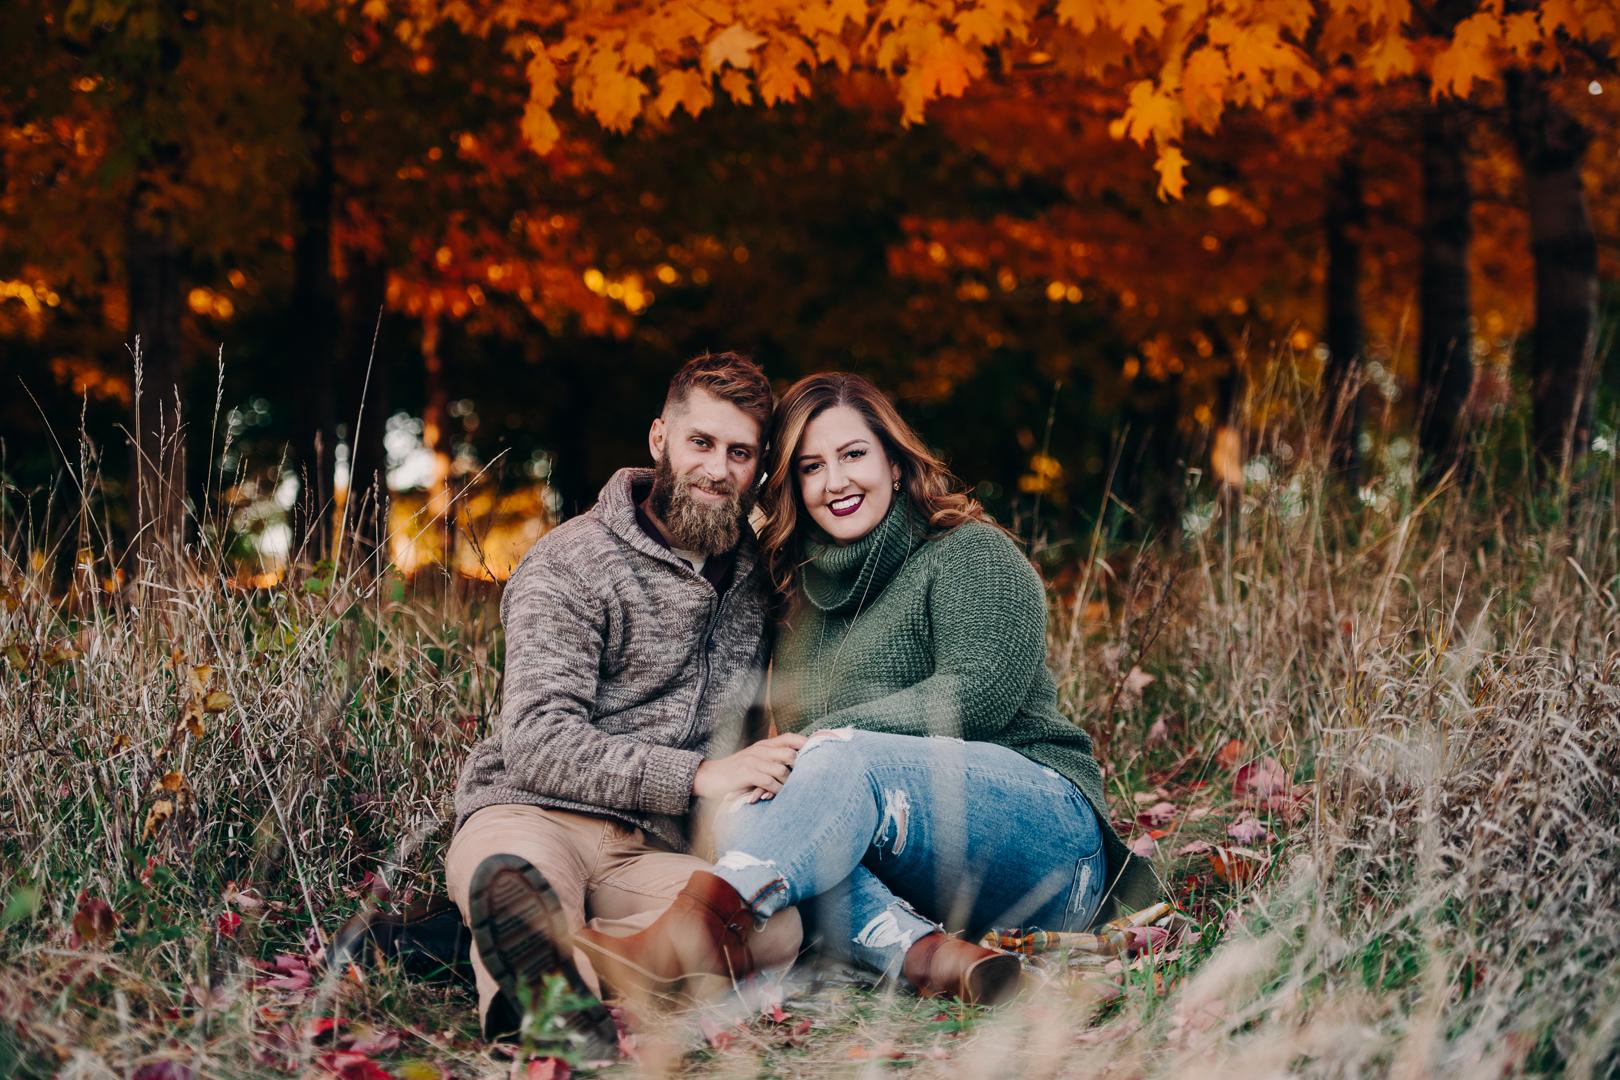 TerraSuraPhotography-Danielle & Ryan Engagemen-Web-7446.jpg